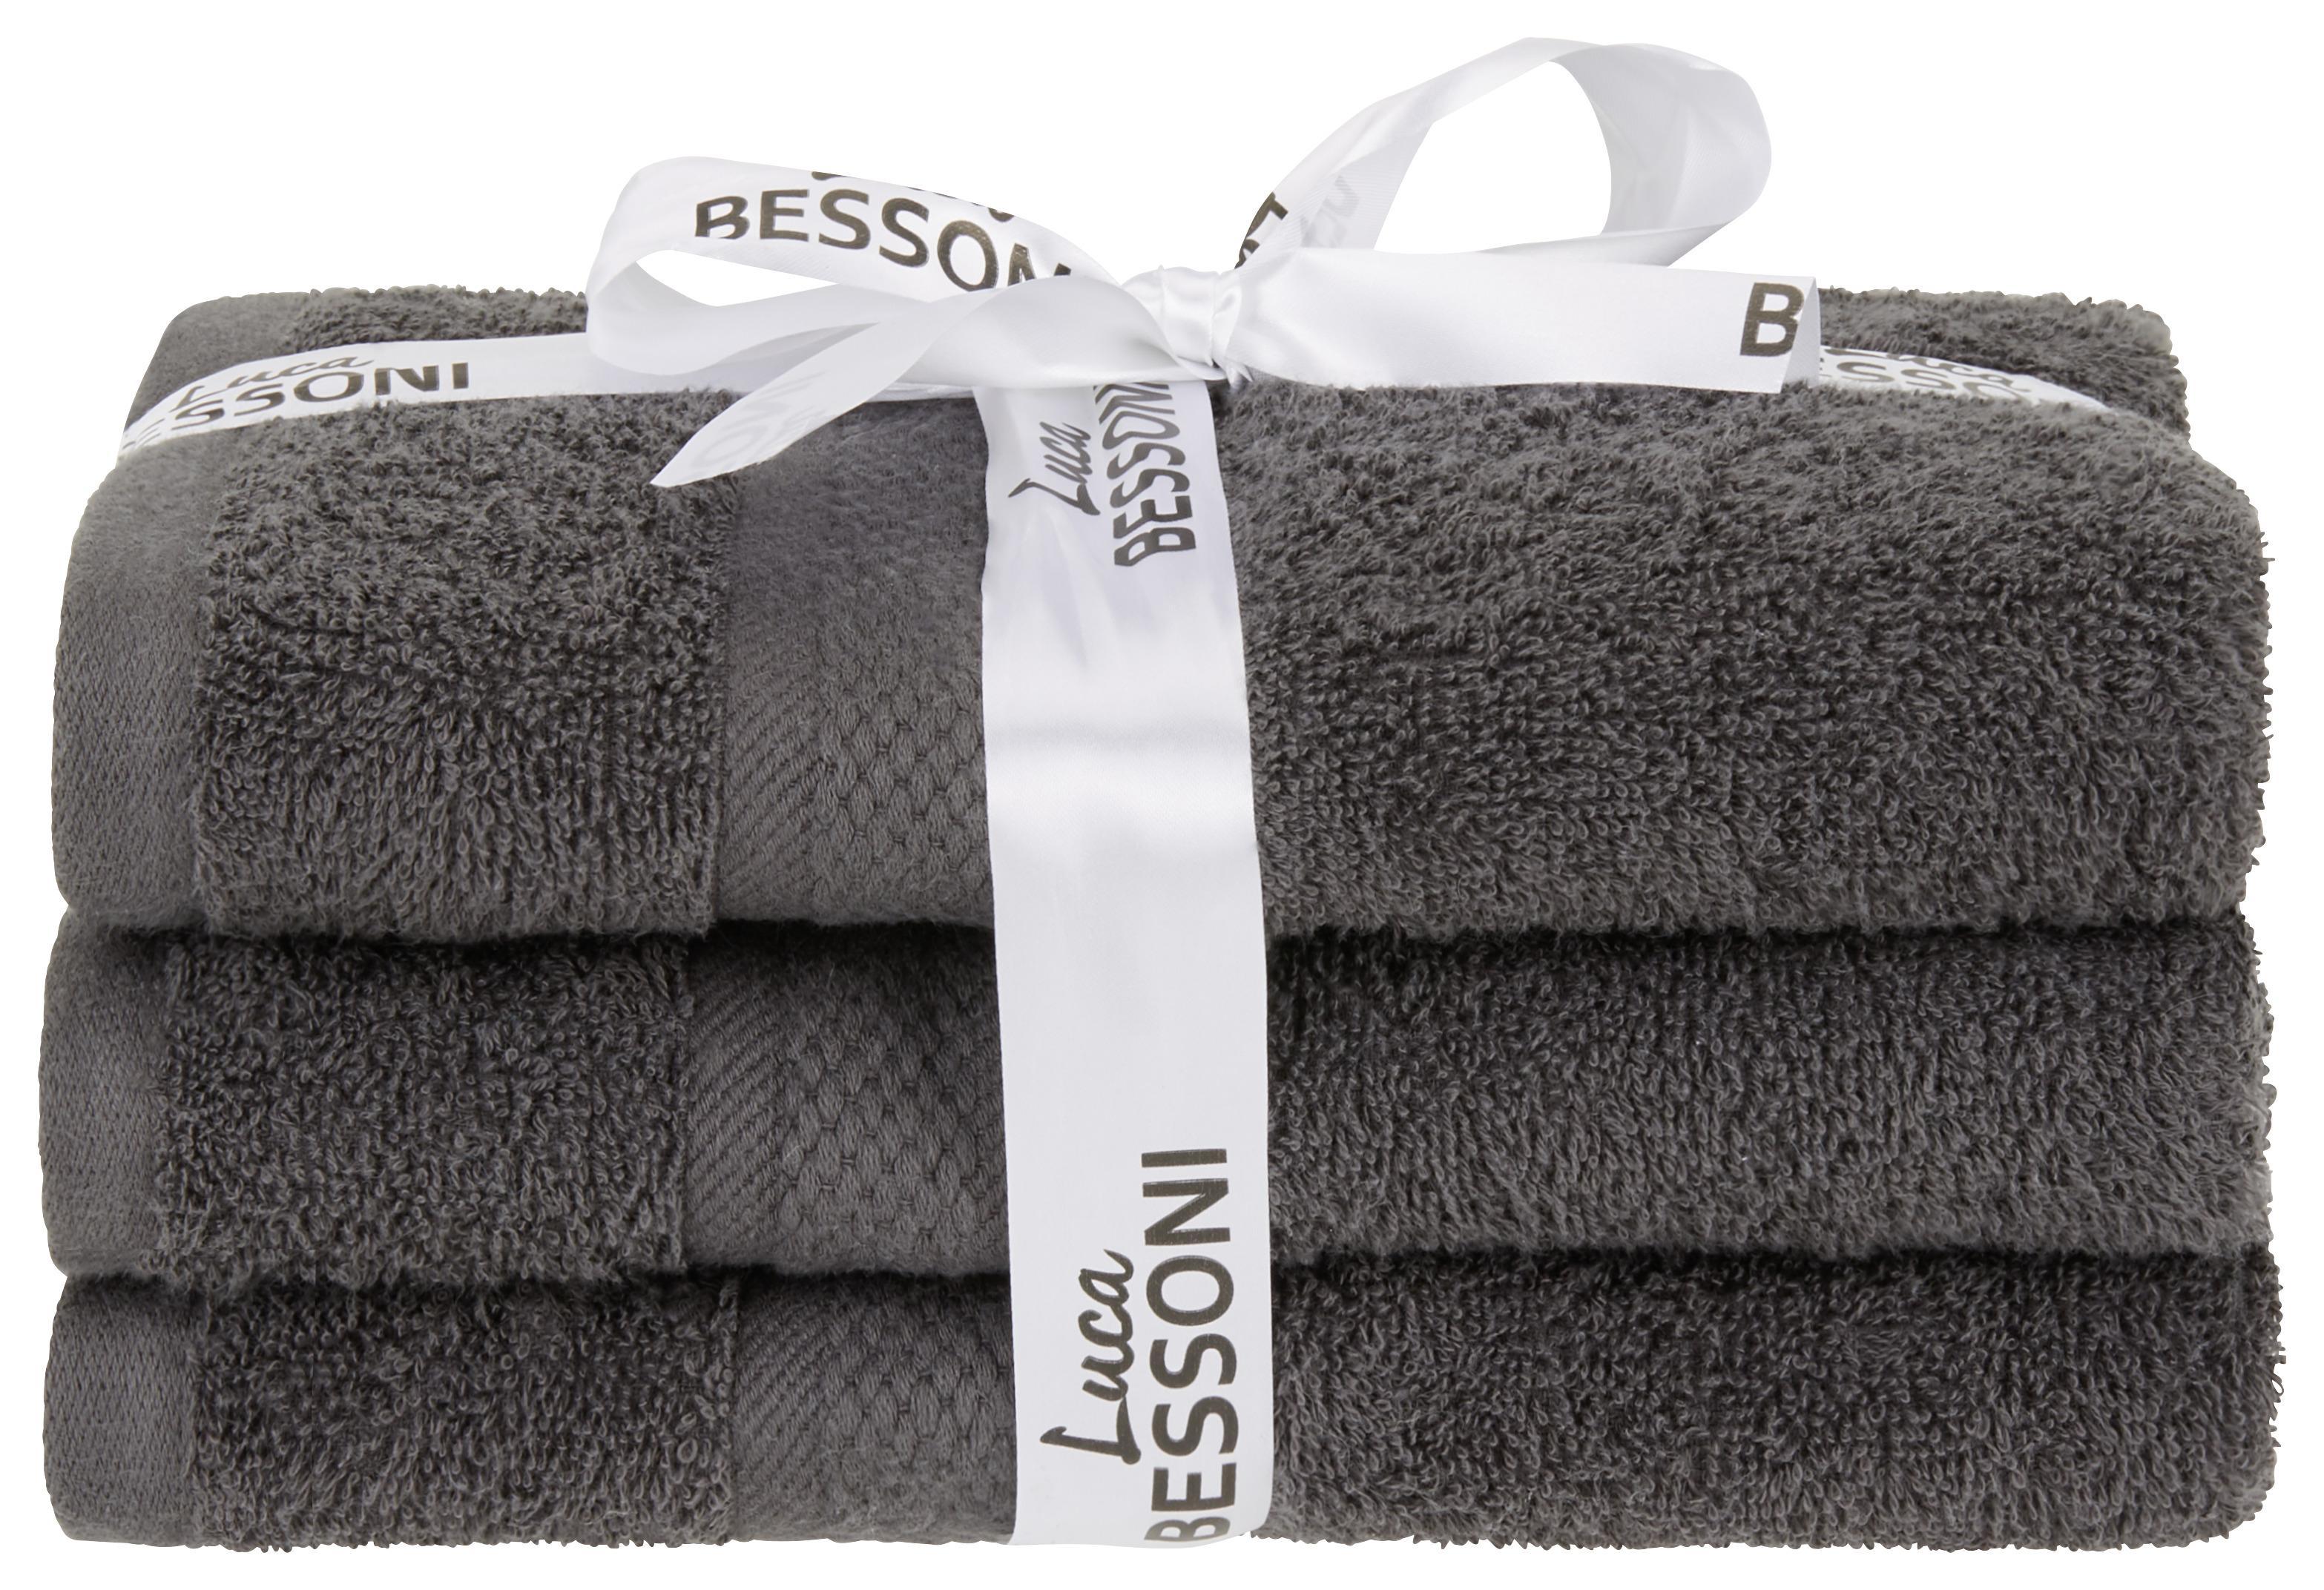 Anthrazitfarbene Handtücher im Set aus 3 Stück